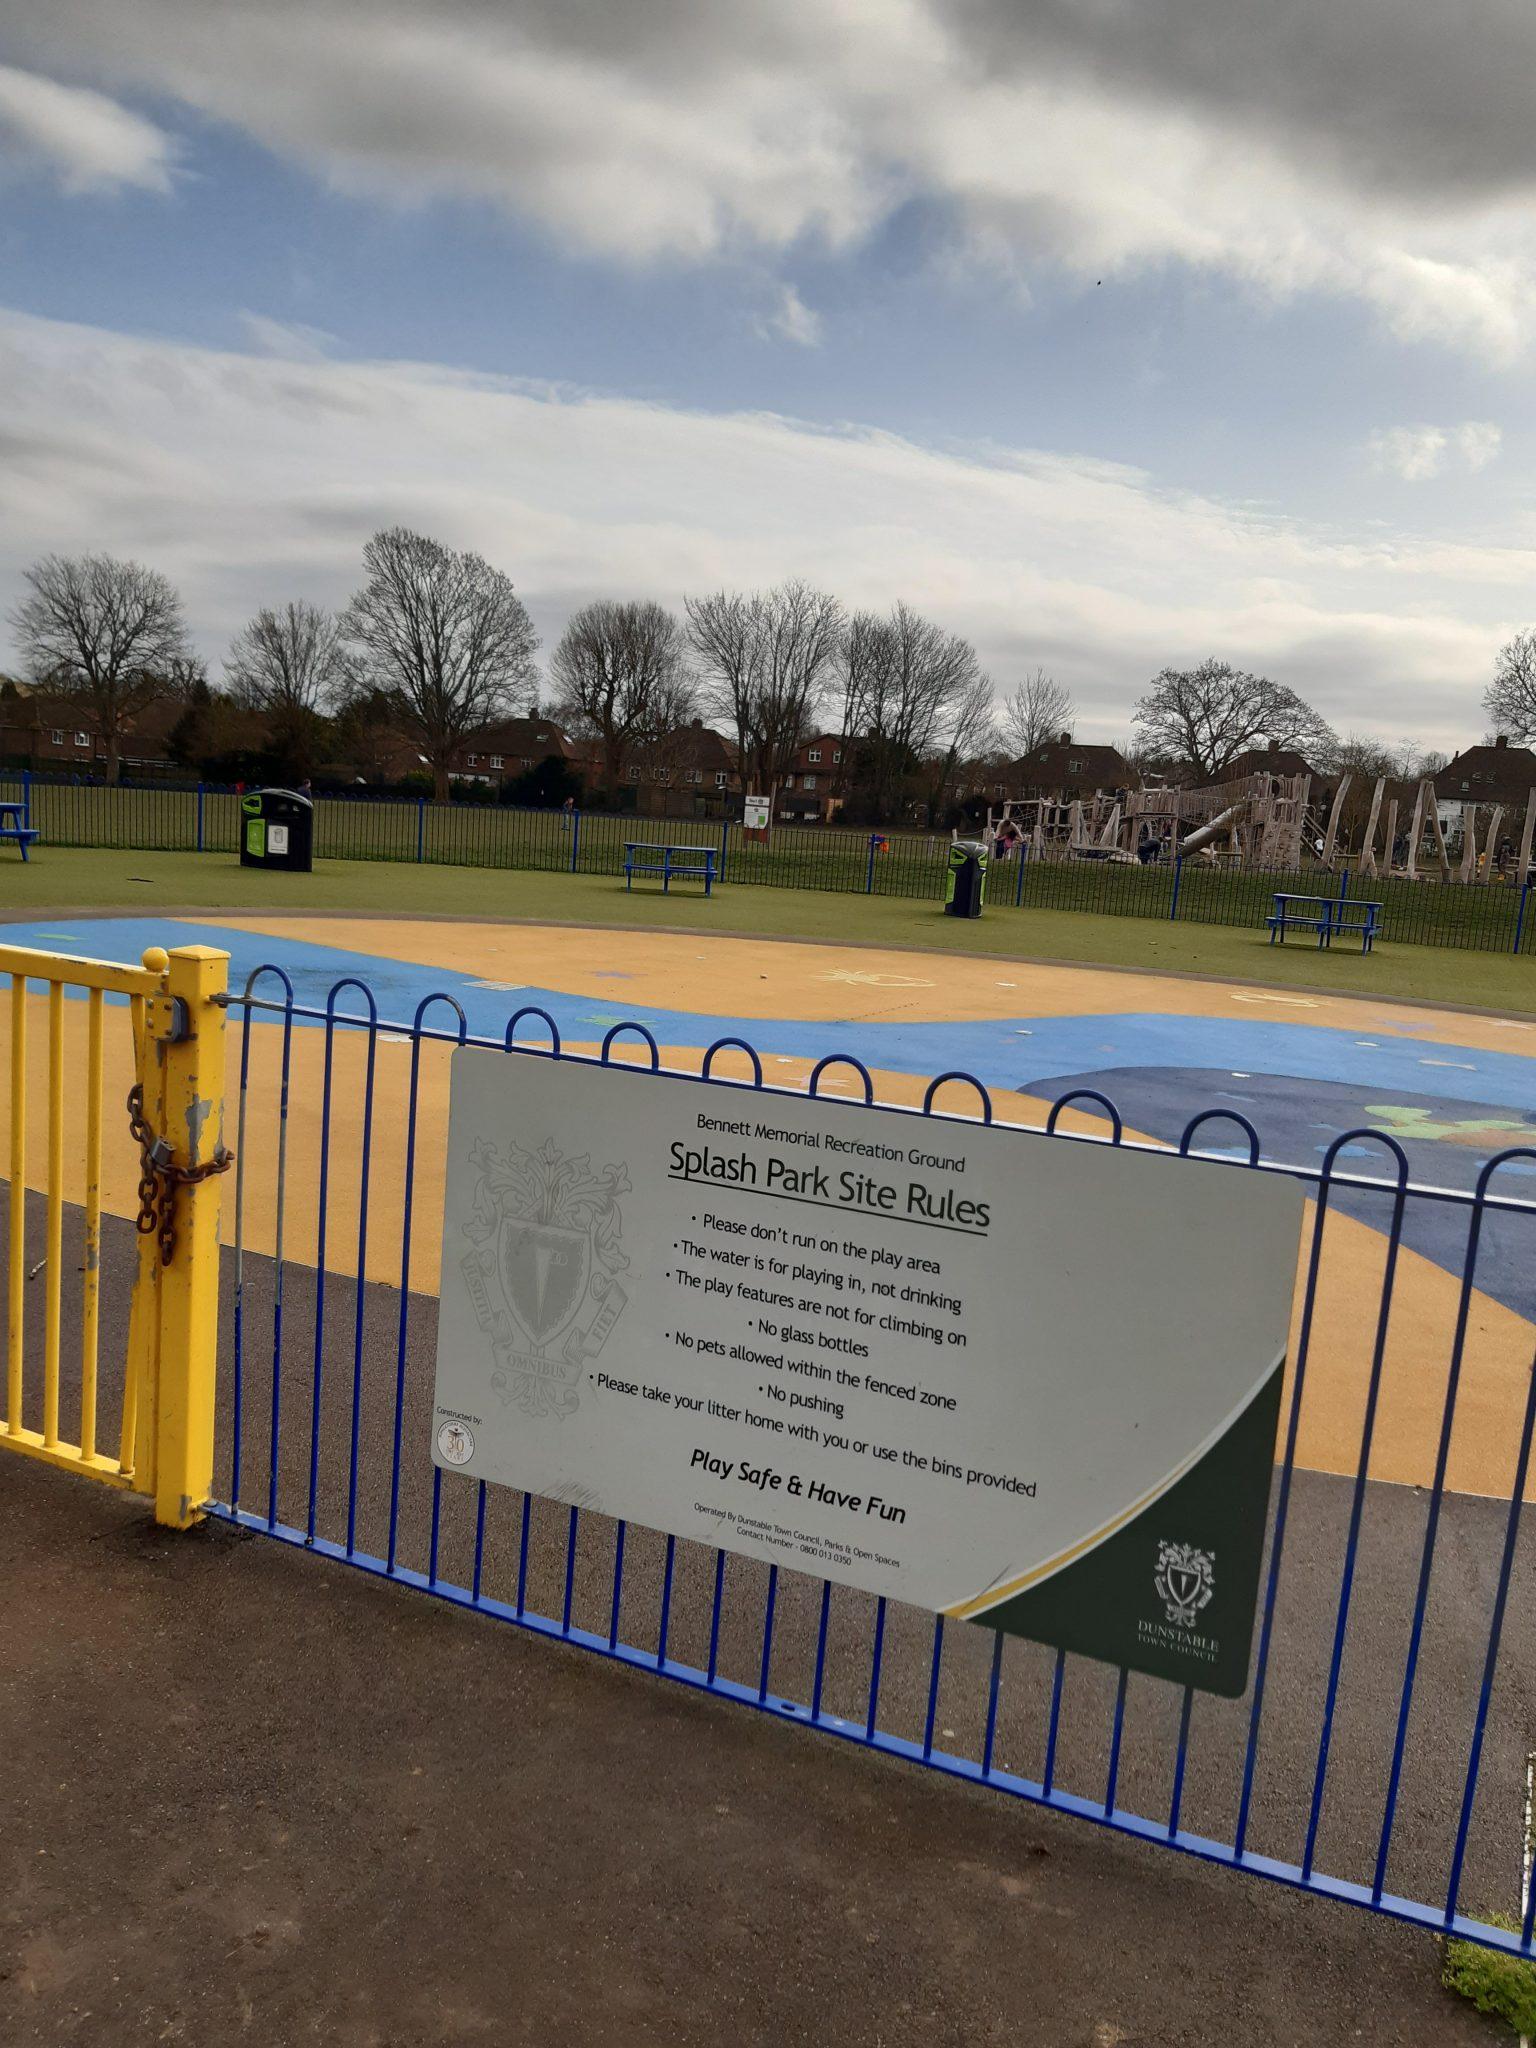 dunstable splash park, dunstable play park